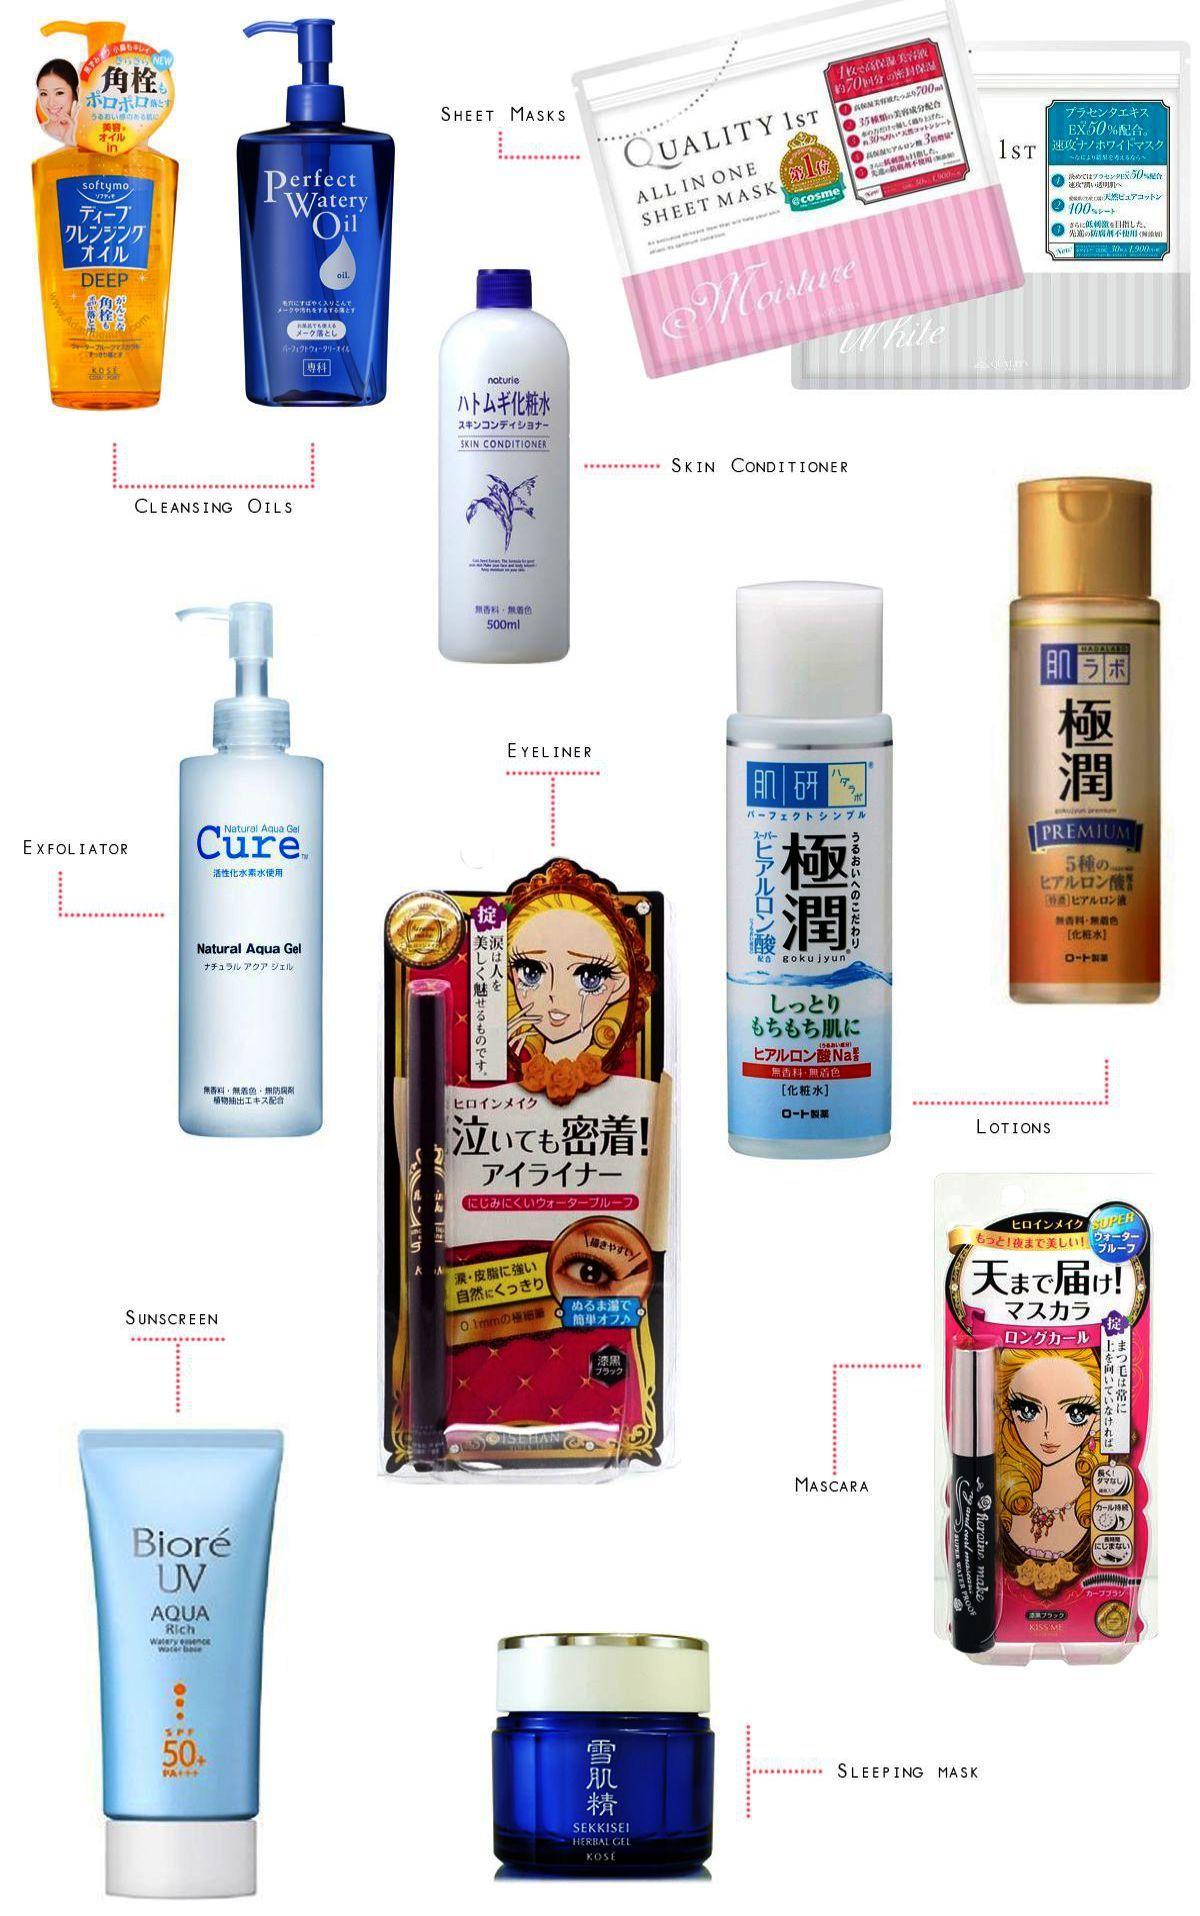 Korean Vs Japanese Skin Care Products Skincare Routine For Oily Acne Prone Skin Produtos Japoneses Cuidados Com O Corpo Rotina De Pele